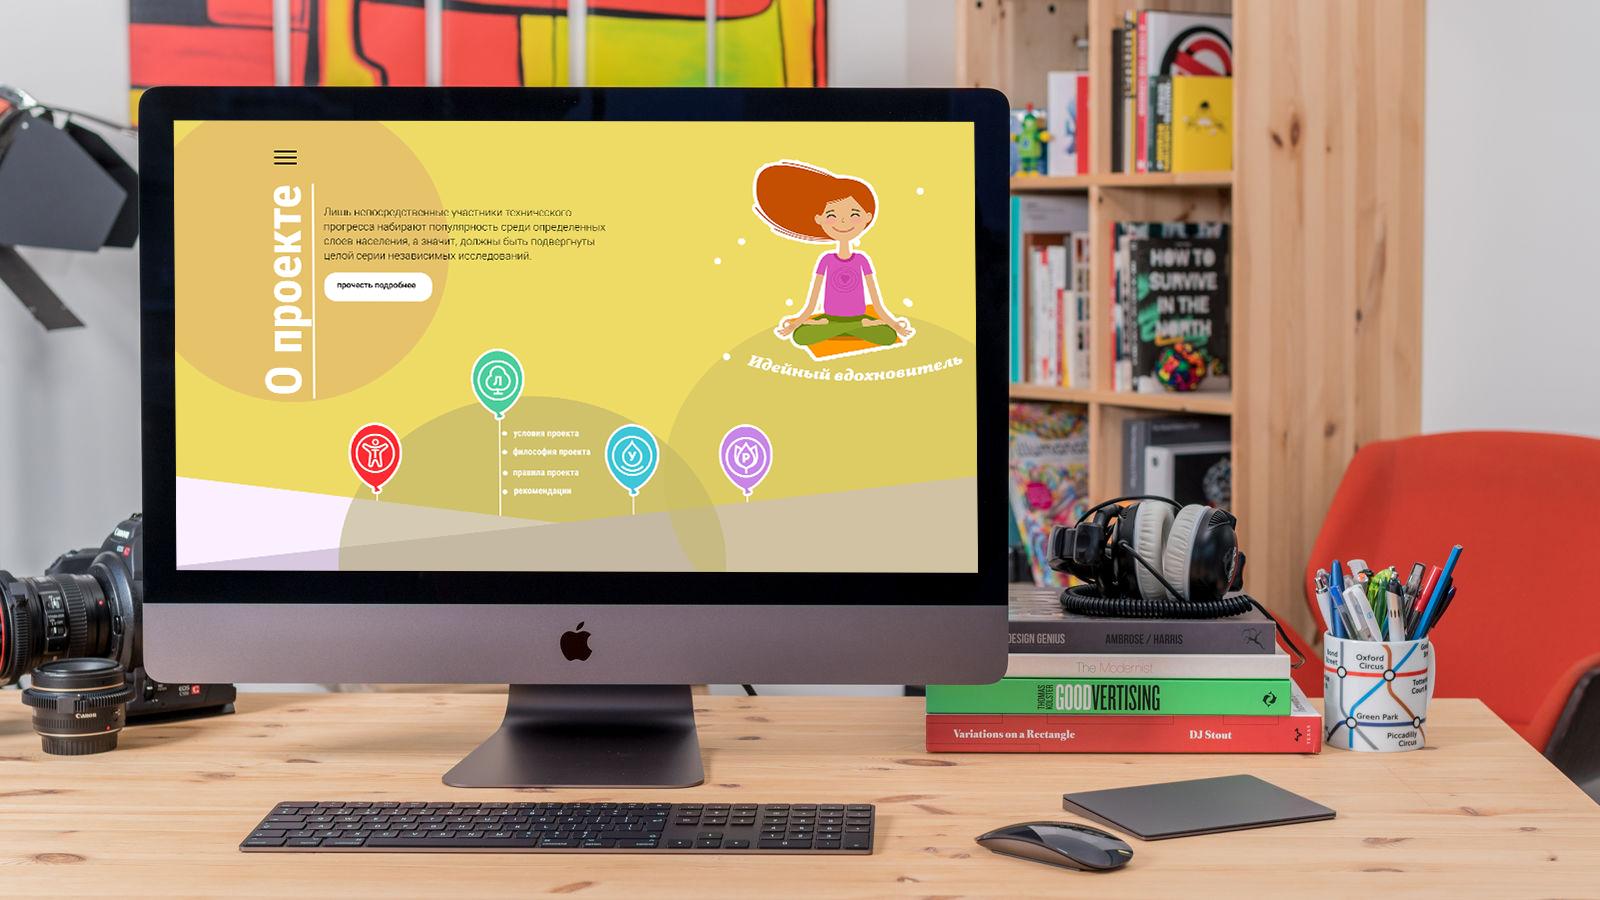 Креативный дизайн внутренней страницы портала для детей фото f_7705cfd09e5d07eb.jpg